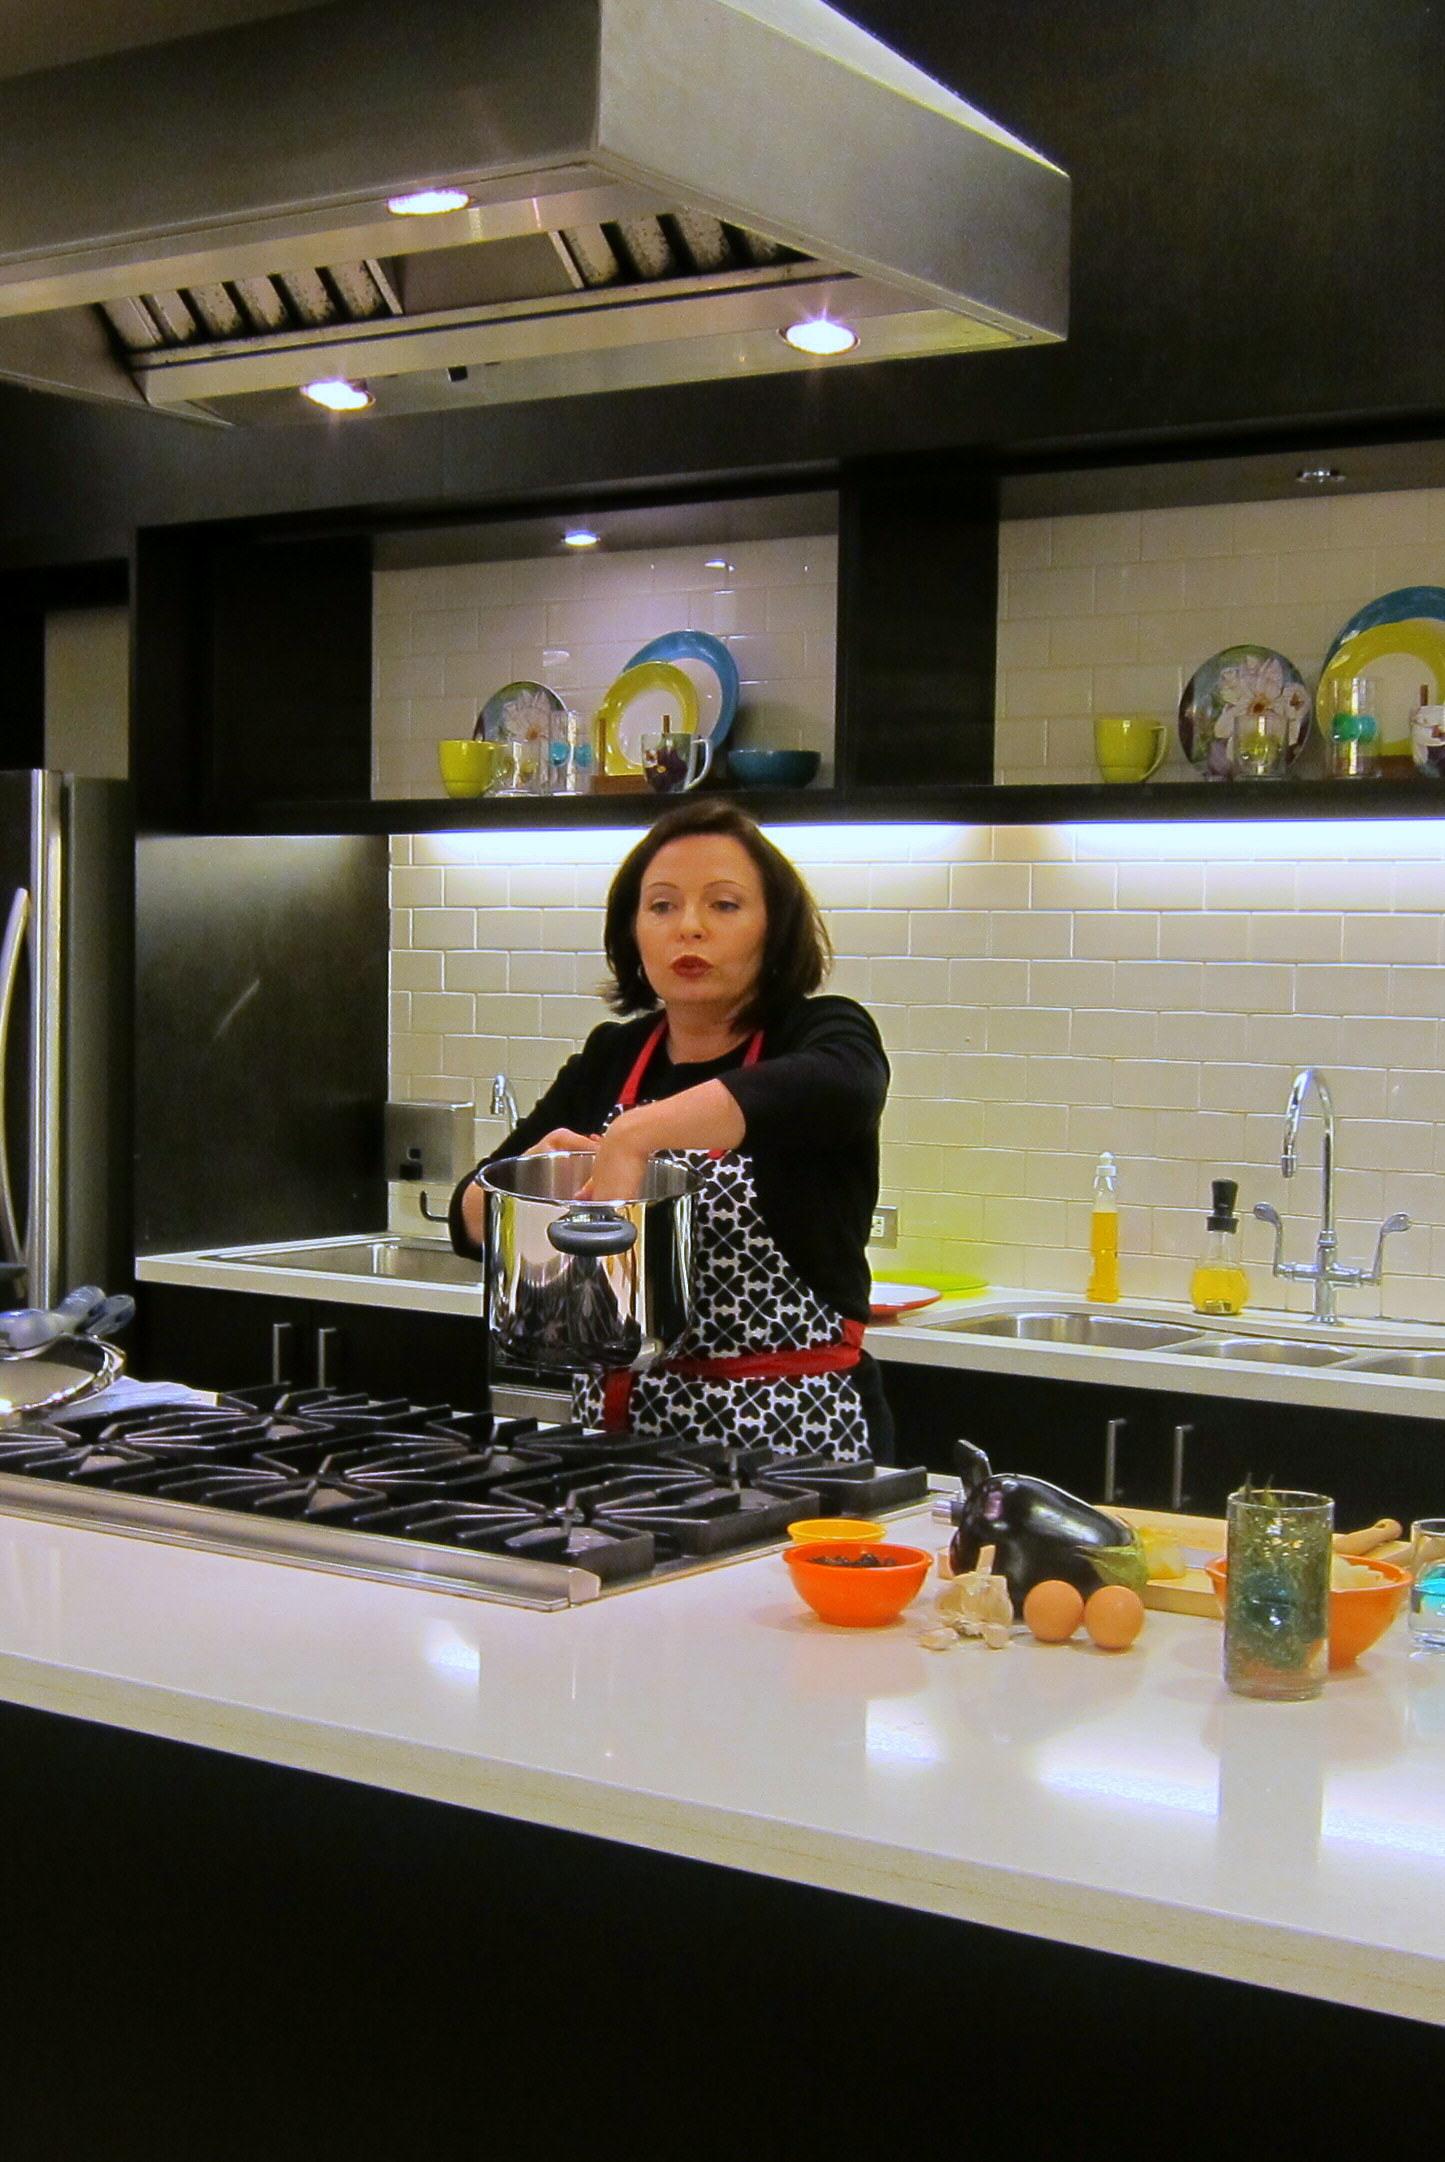 Laura Pazzaglia demonstrates pressure cooker